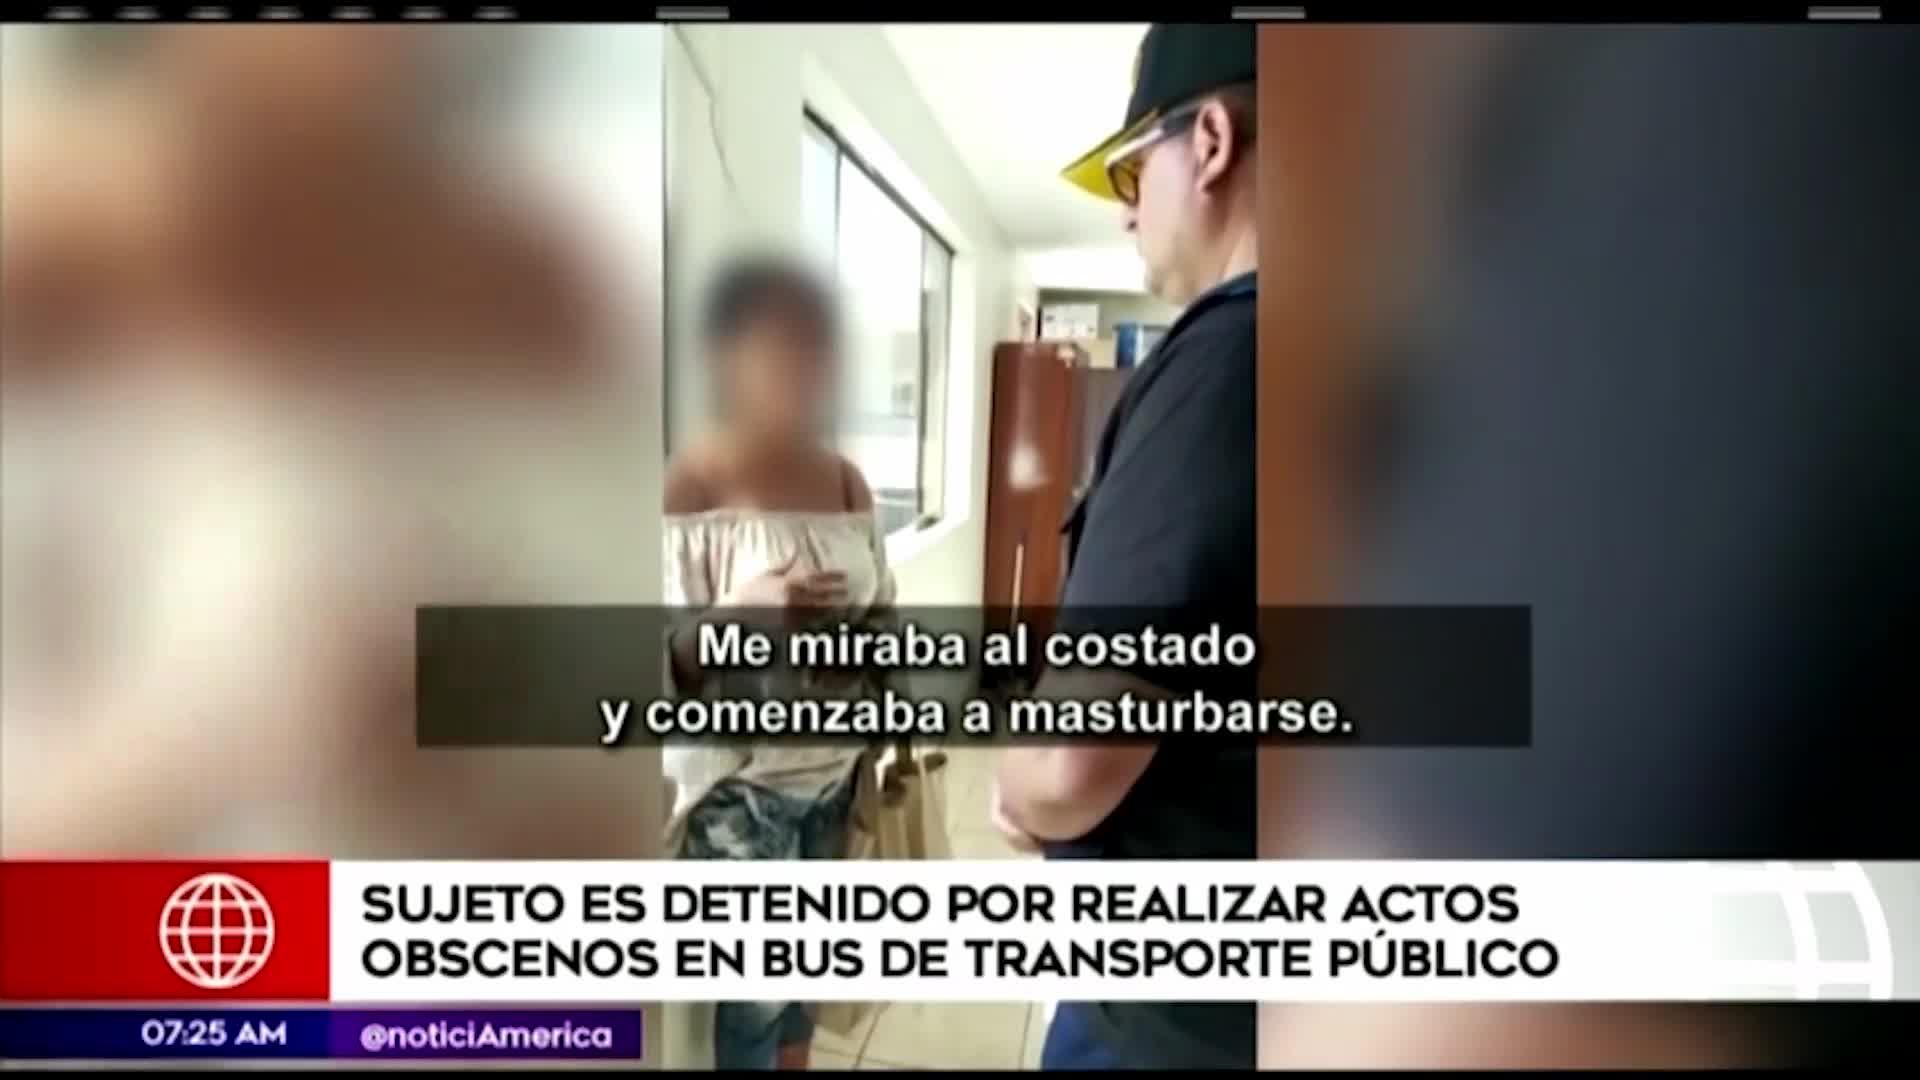 Sujeto es detenido por masturbarse en el transporte público